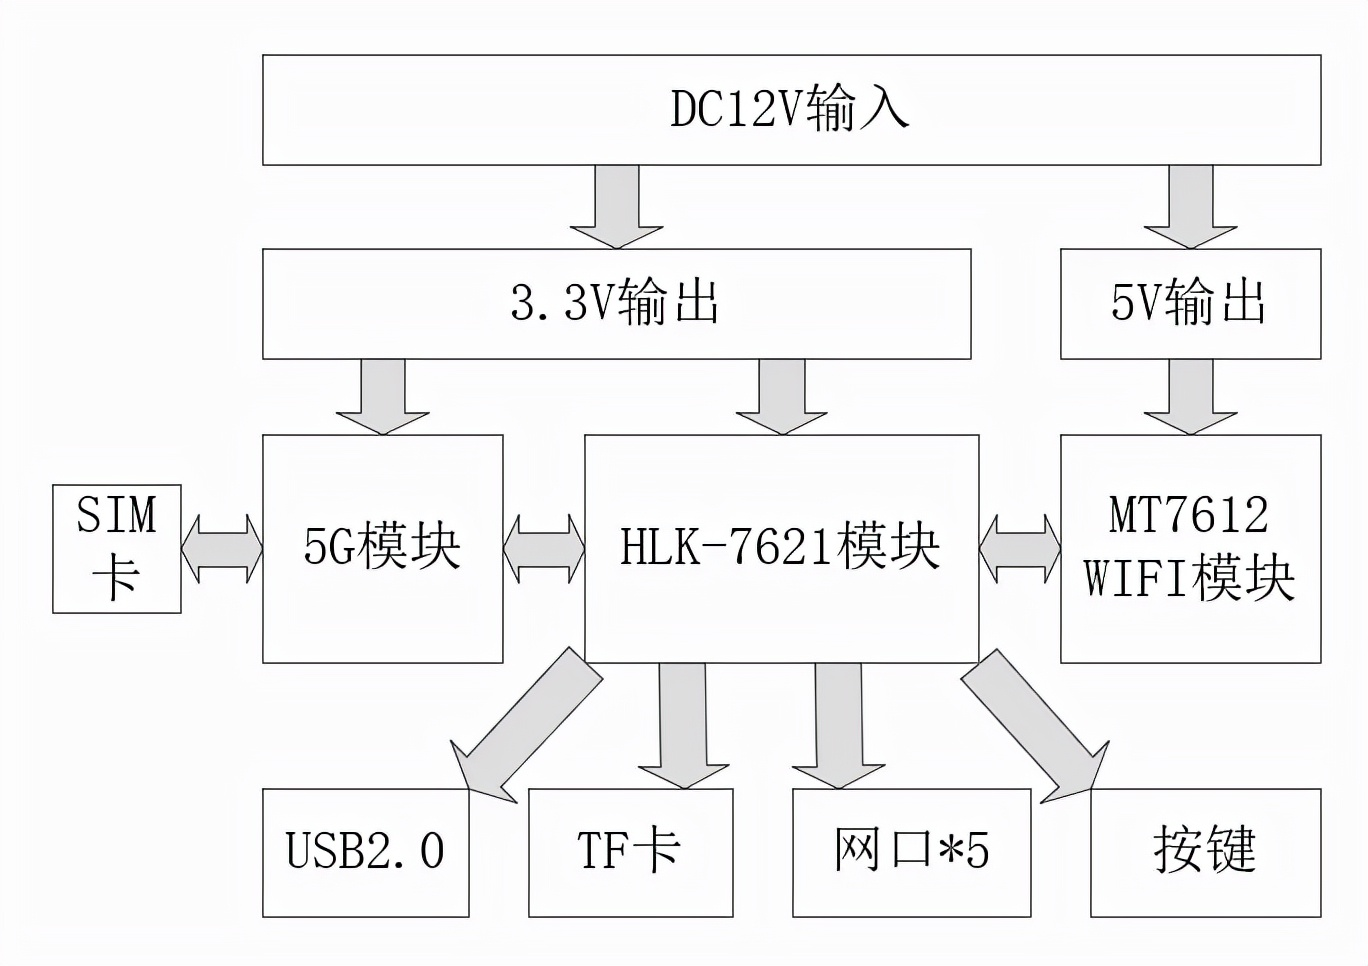 5G CPE路由模组GW105 高端方案服务各类高速场景